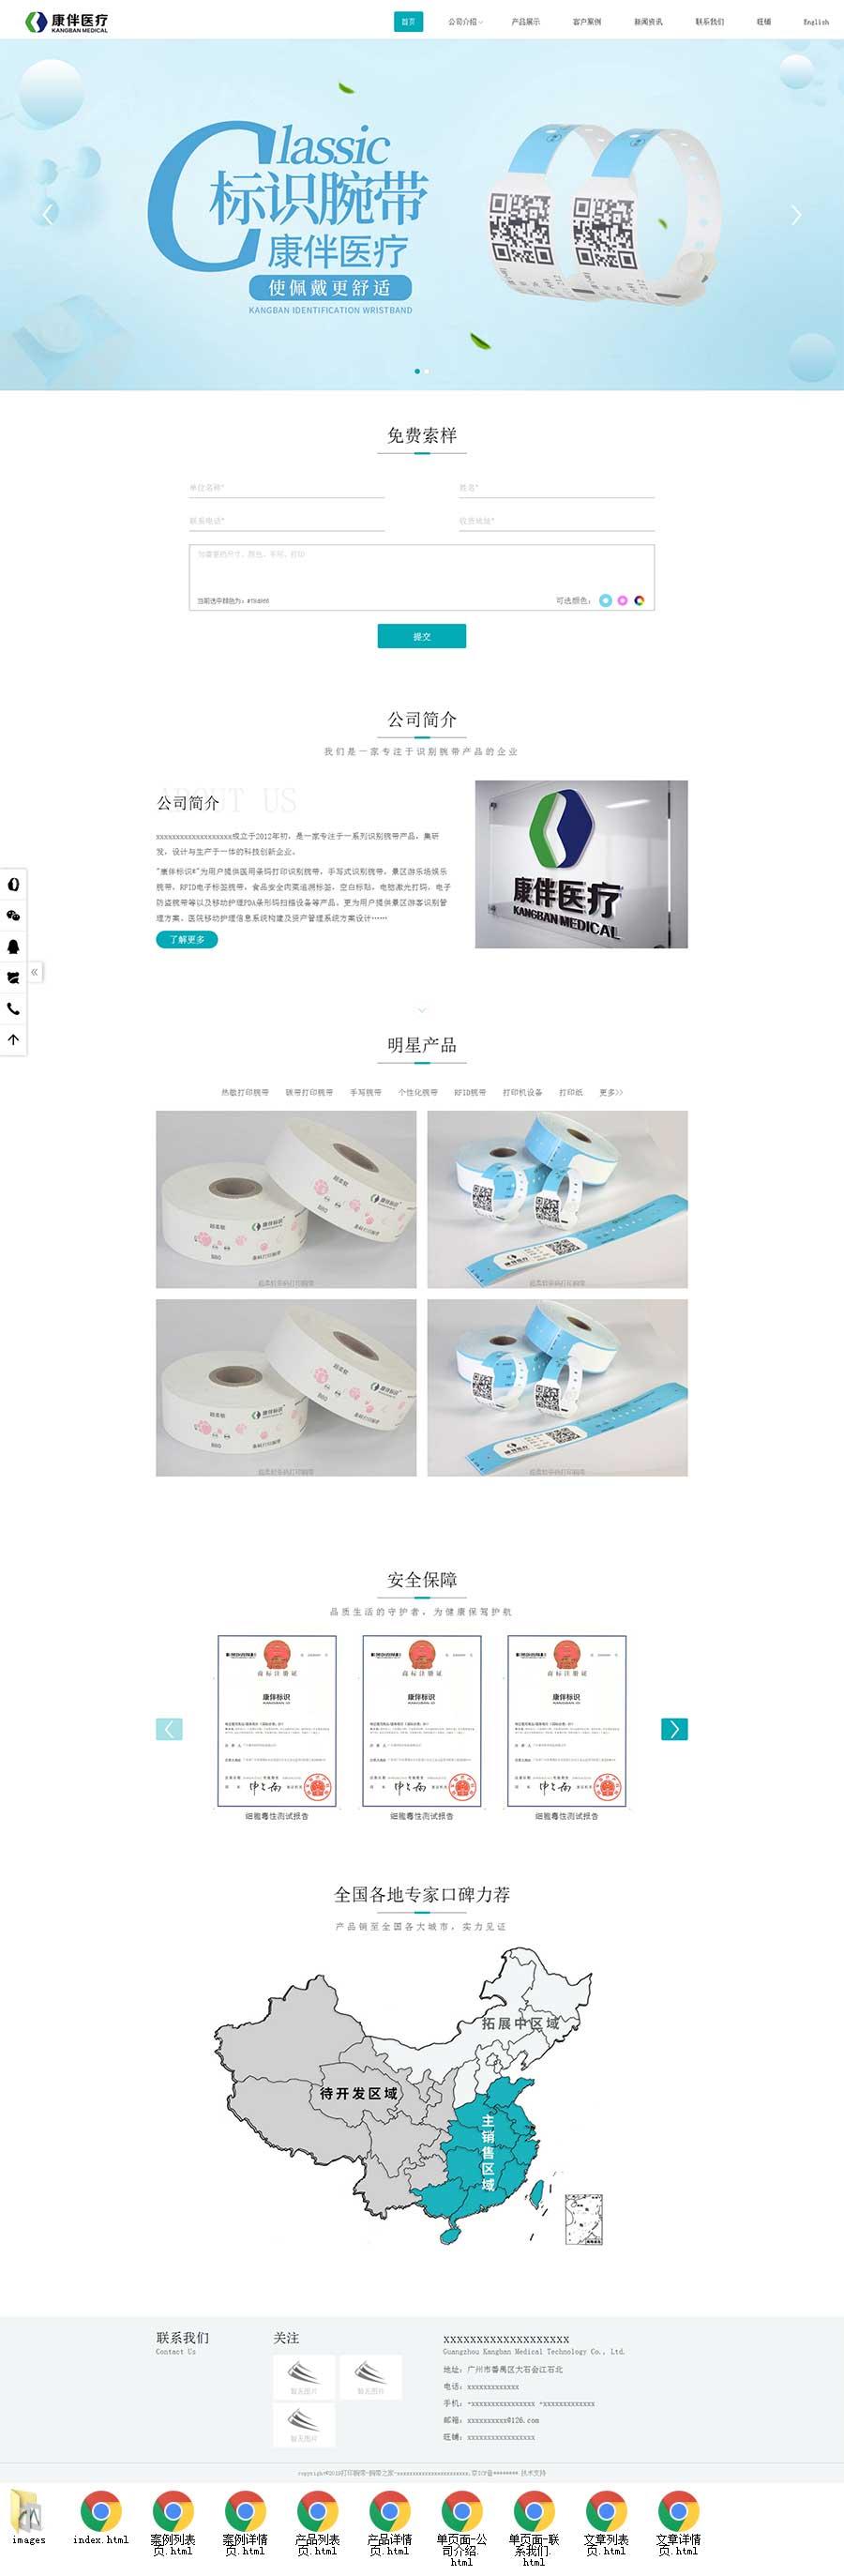 蓝色宽屏大气html5响应式医疗科技公司官网模板